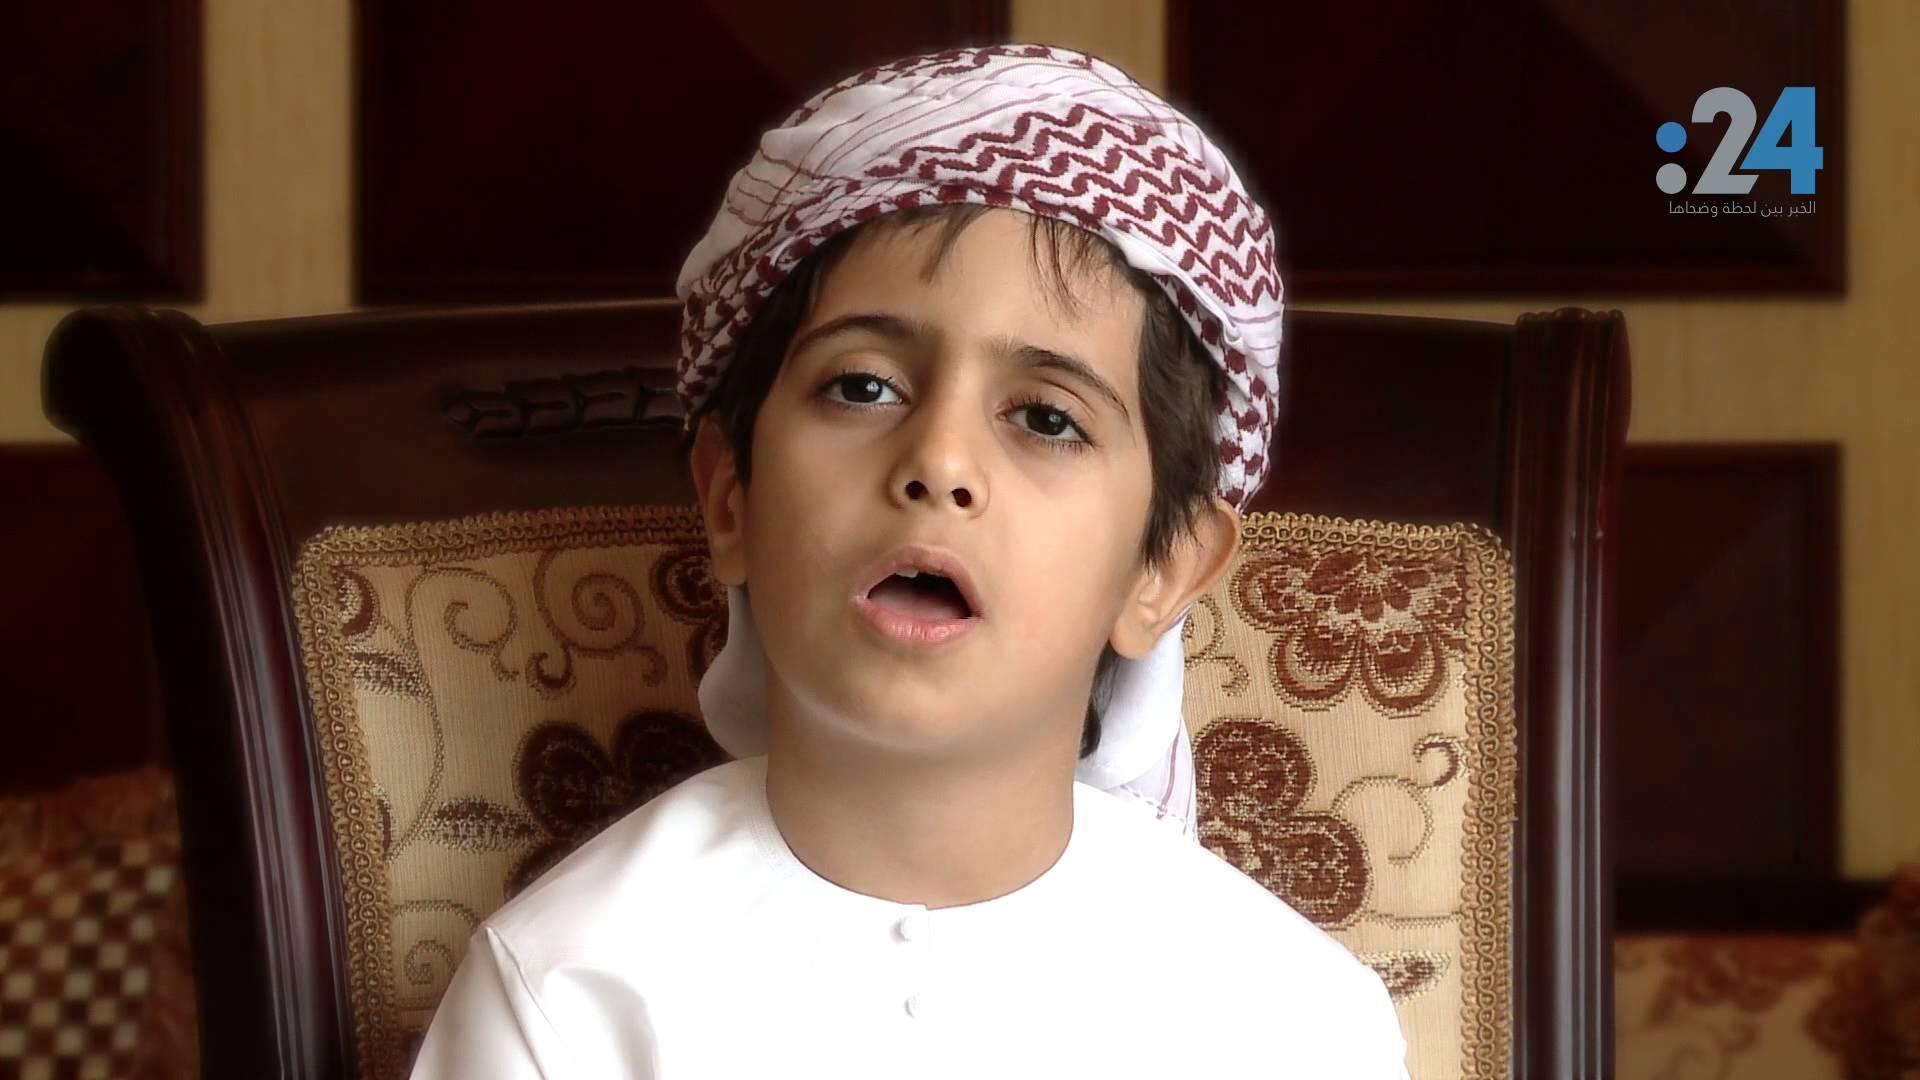 أطفال إماراتيون يجوّدون القرآن الكريم